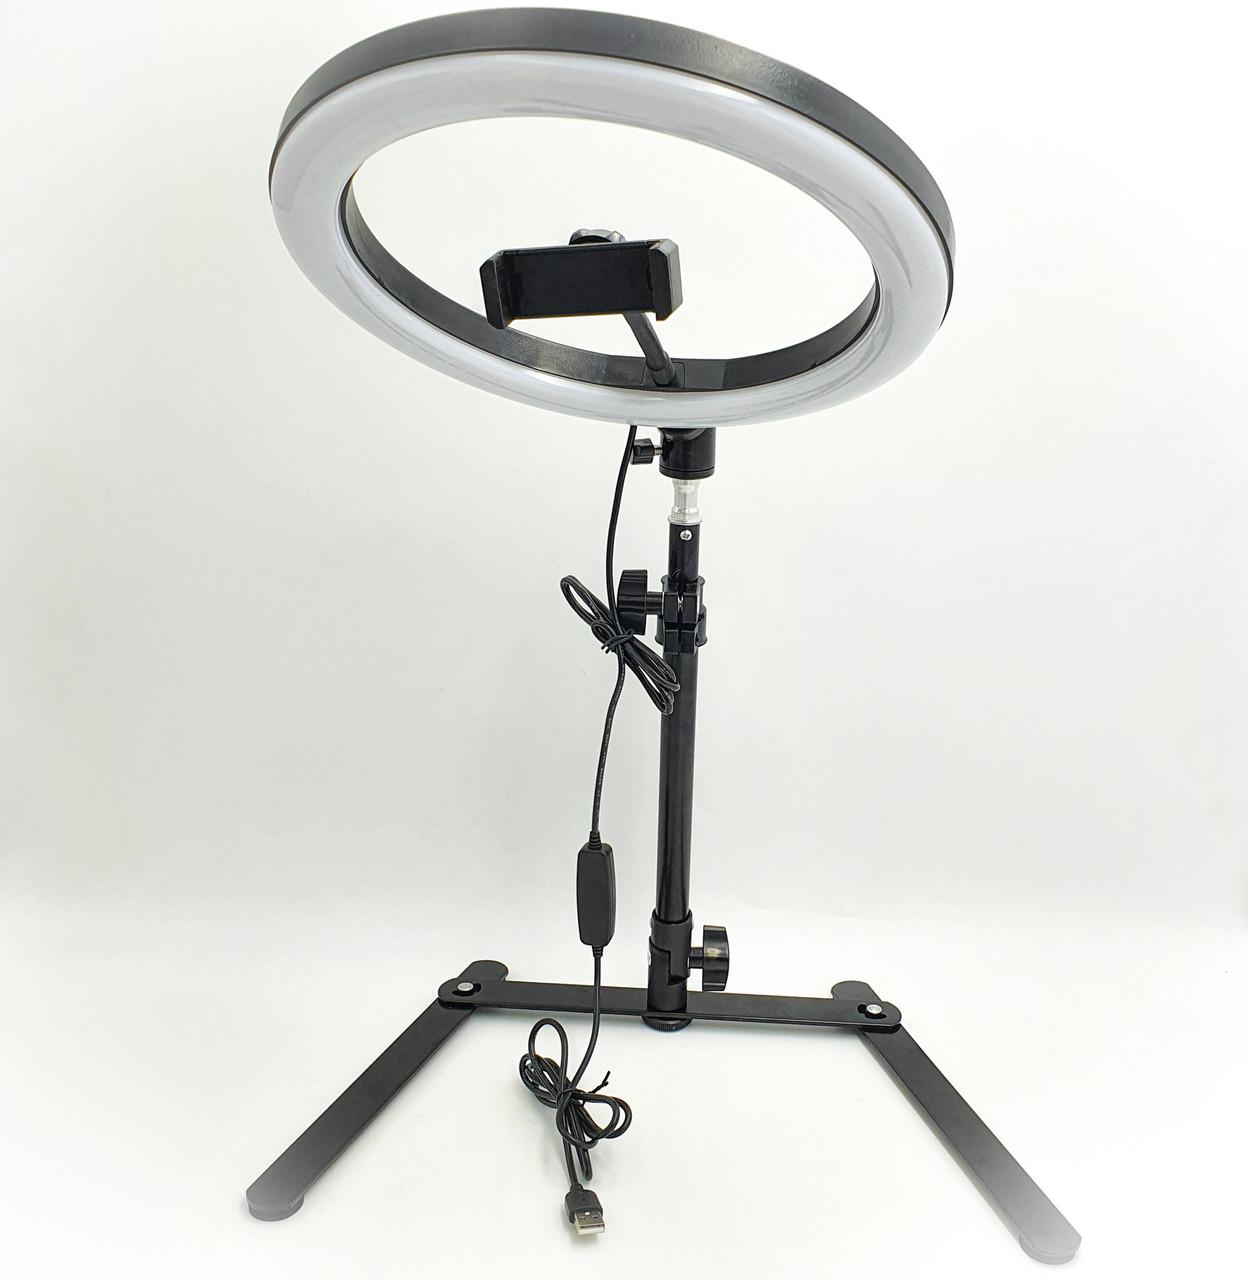 Кольцевая LED лампа 26см 12W настольная с держателем телефона на штативе 25-42 см подсветка кольцо для блогера